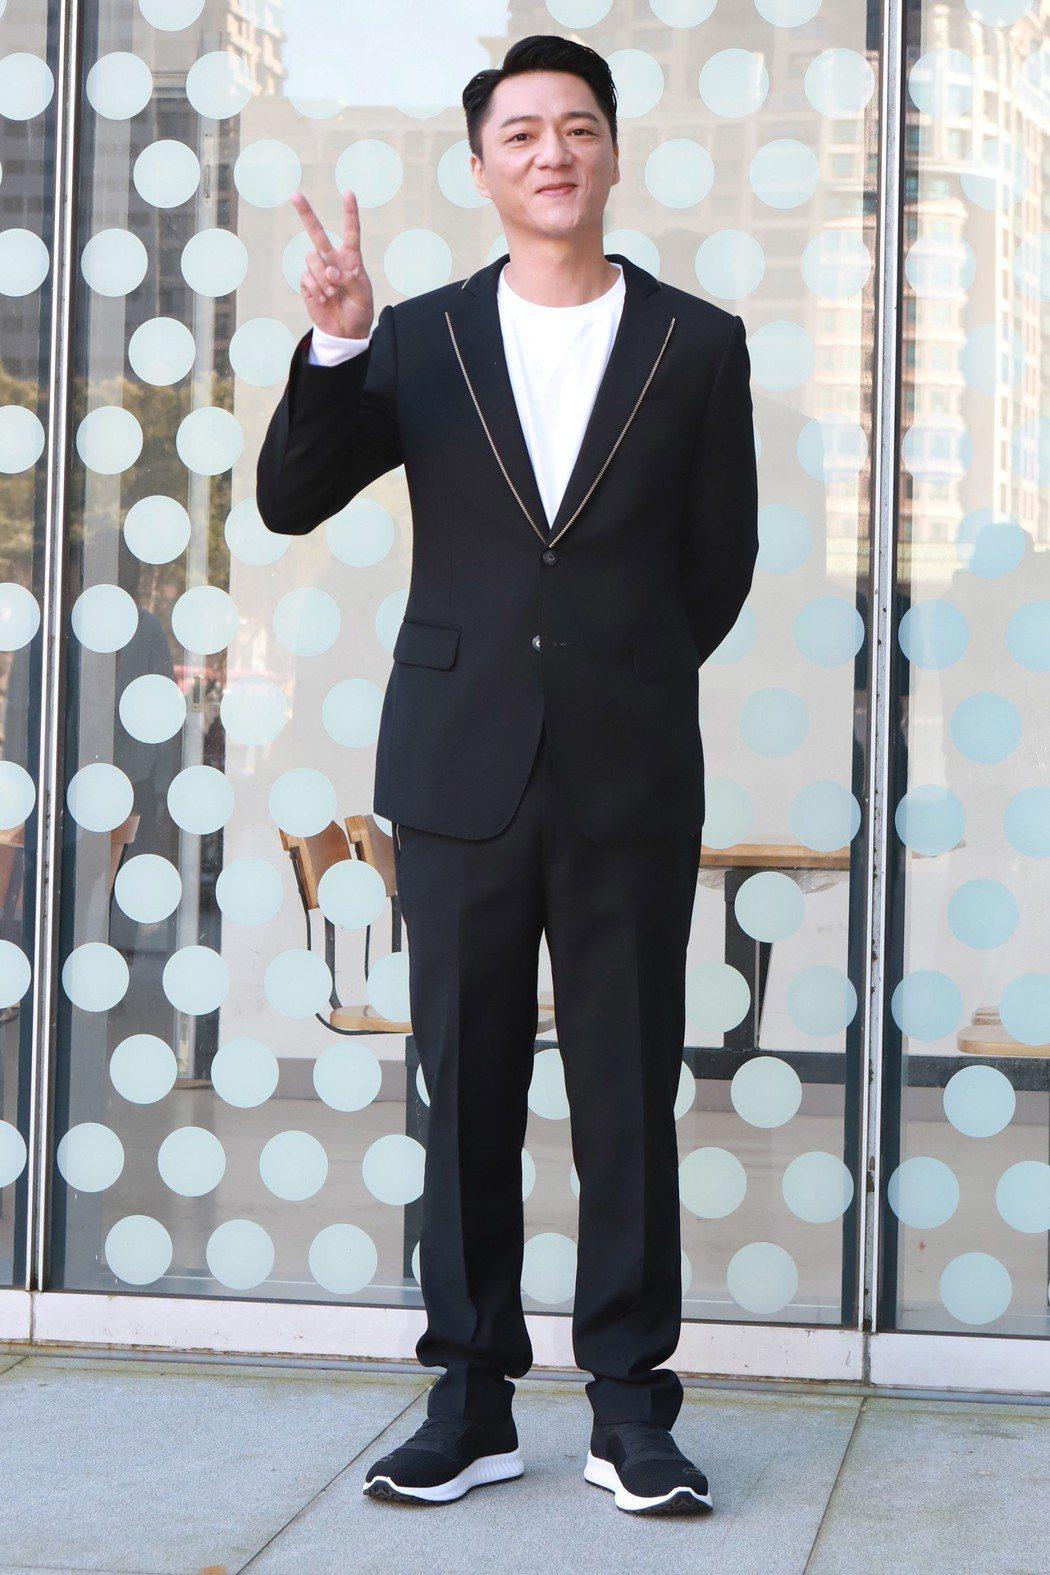 藍葦華在「鏡子森林」中飾演江湖大哥。圖/民視提供